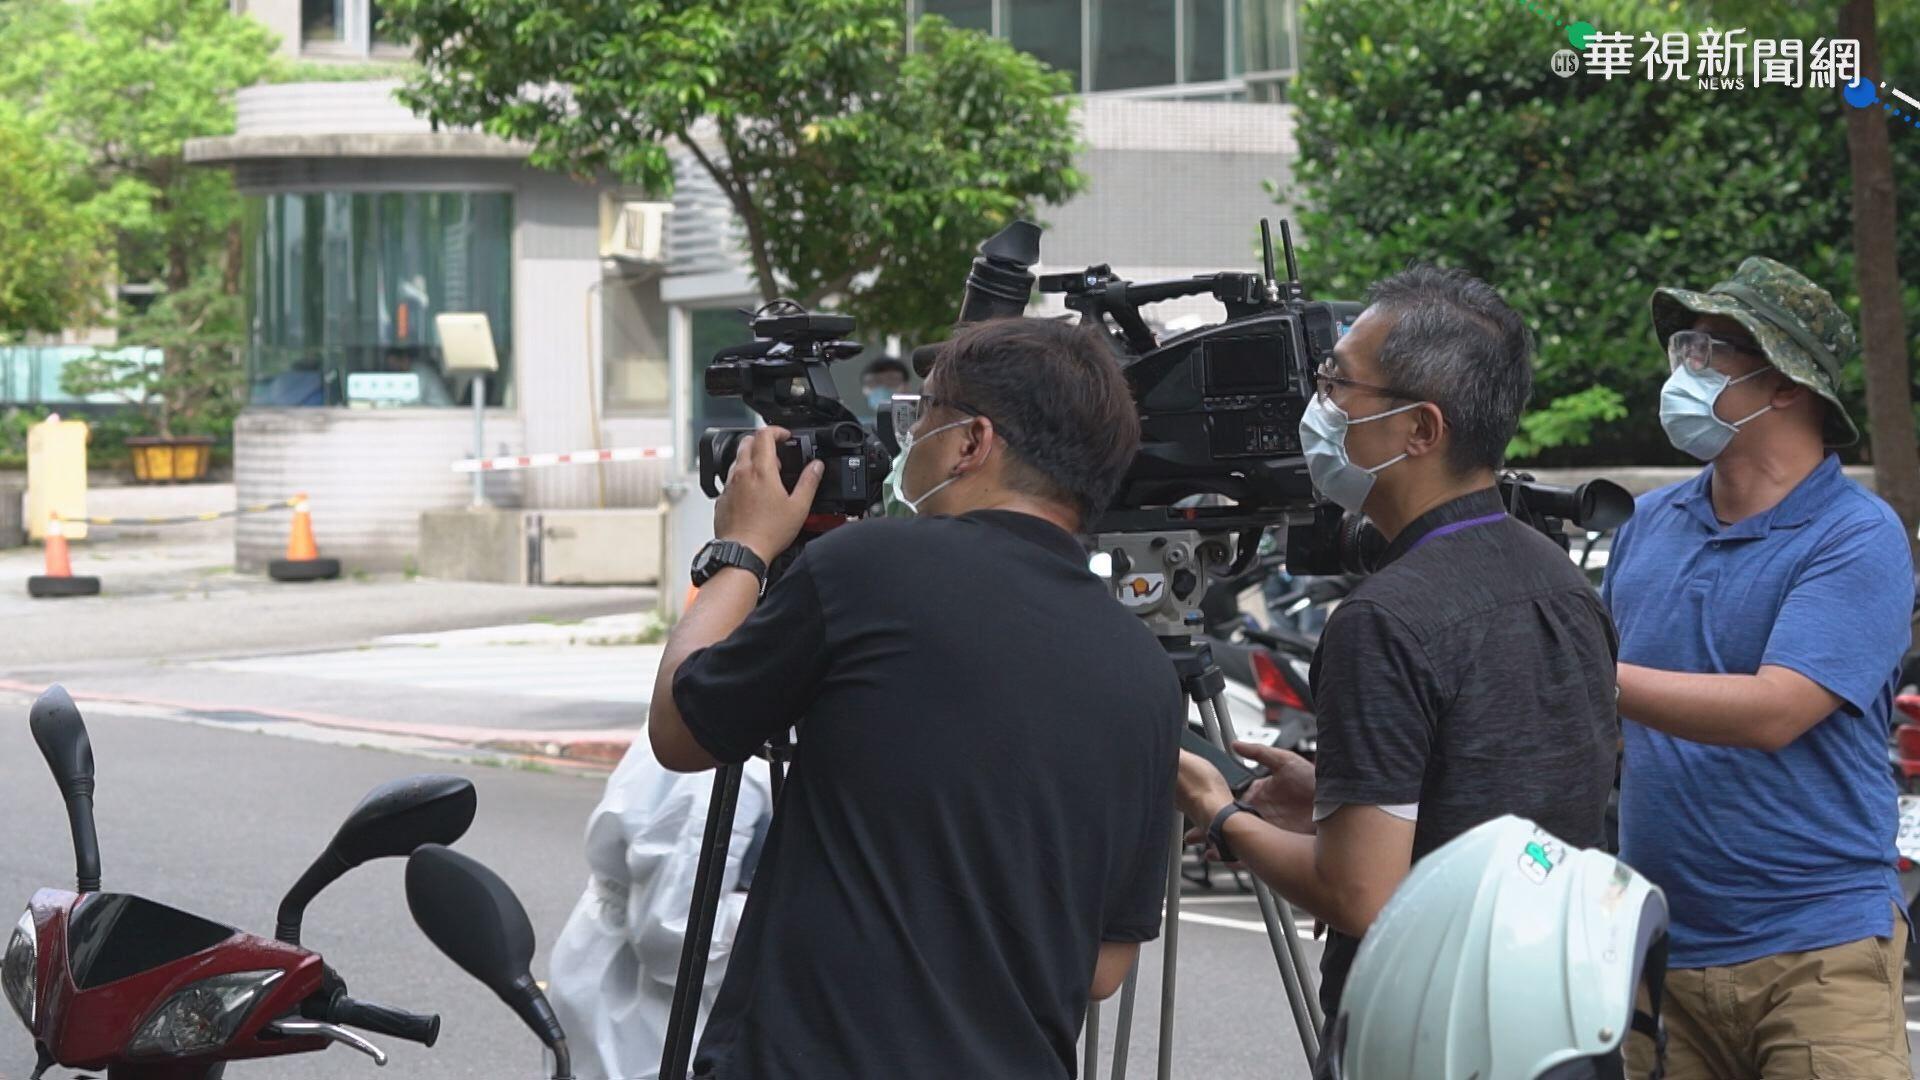 採訪風險高 媒體爭取優先施打疫苗